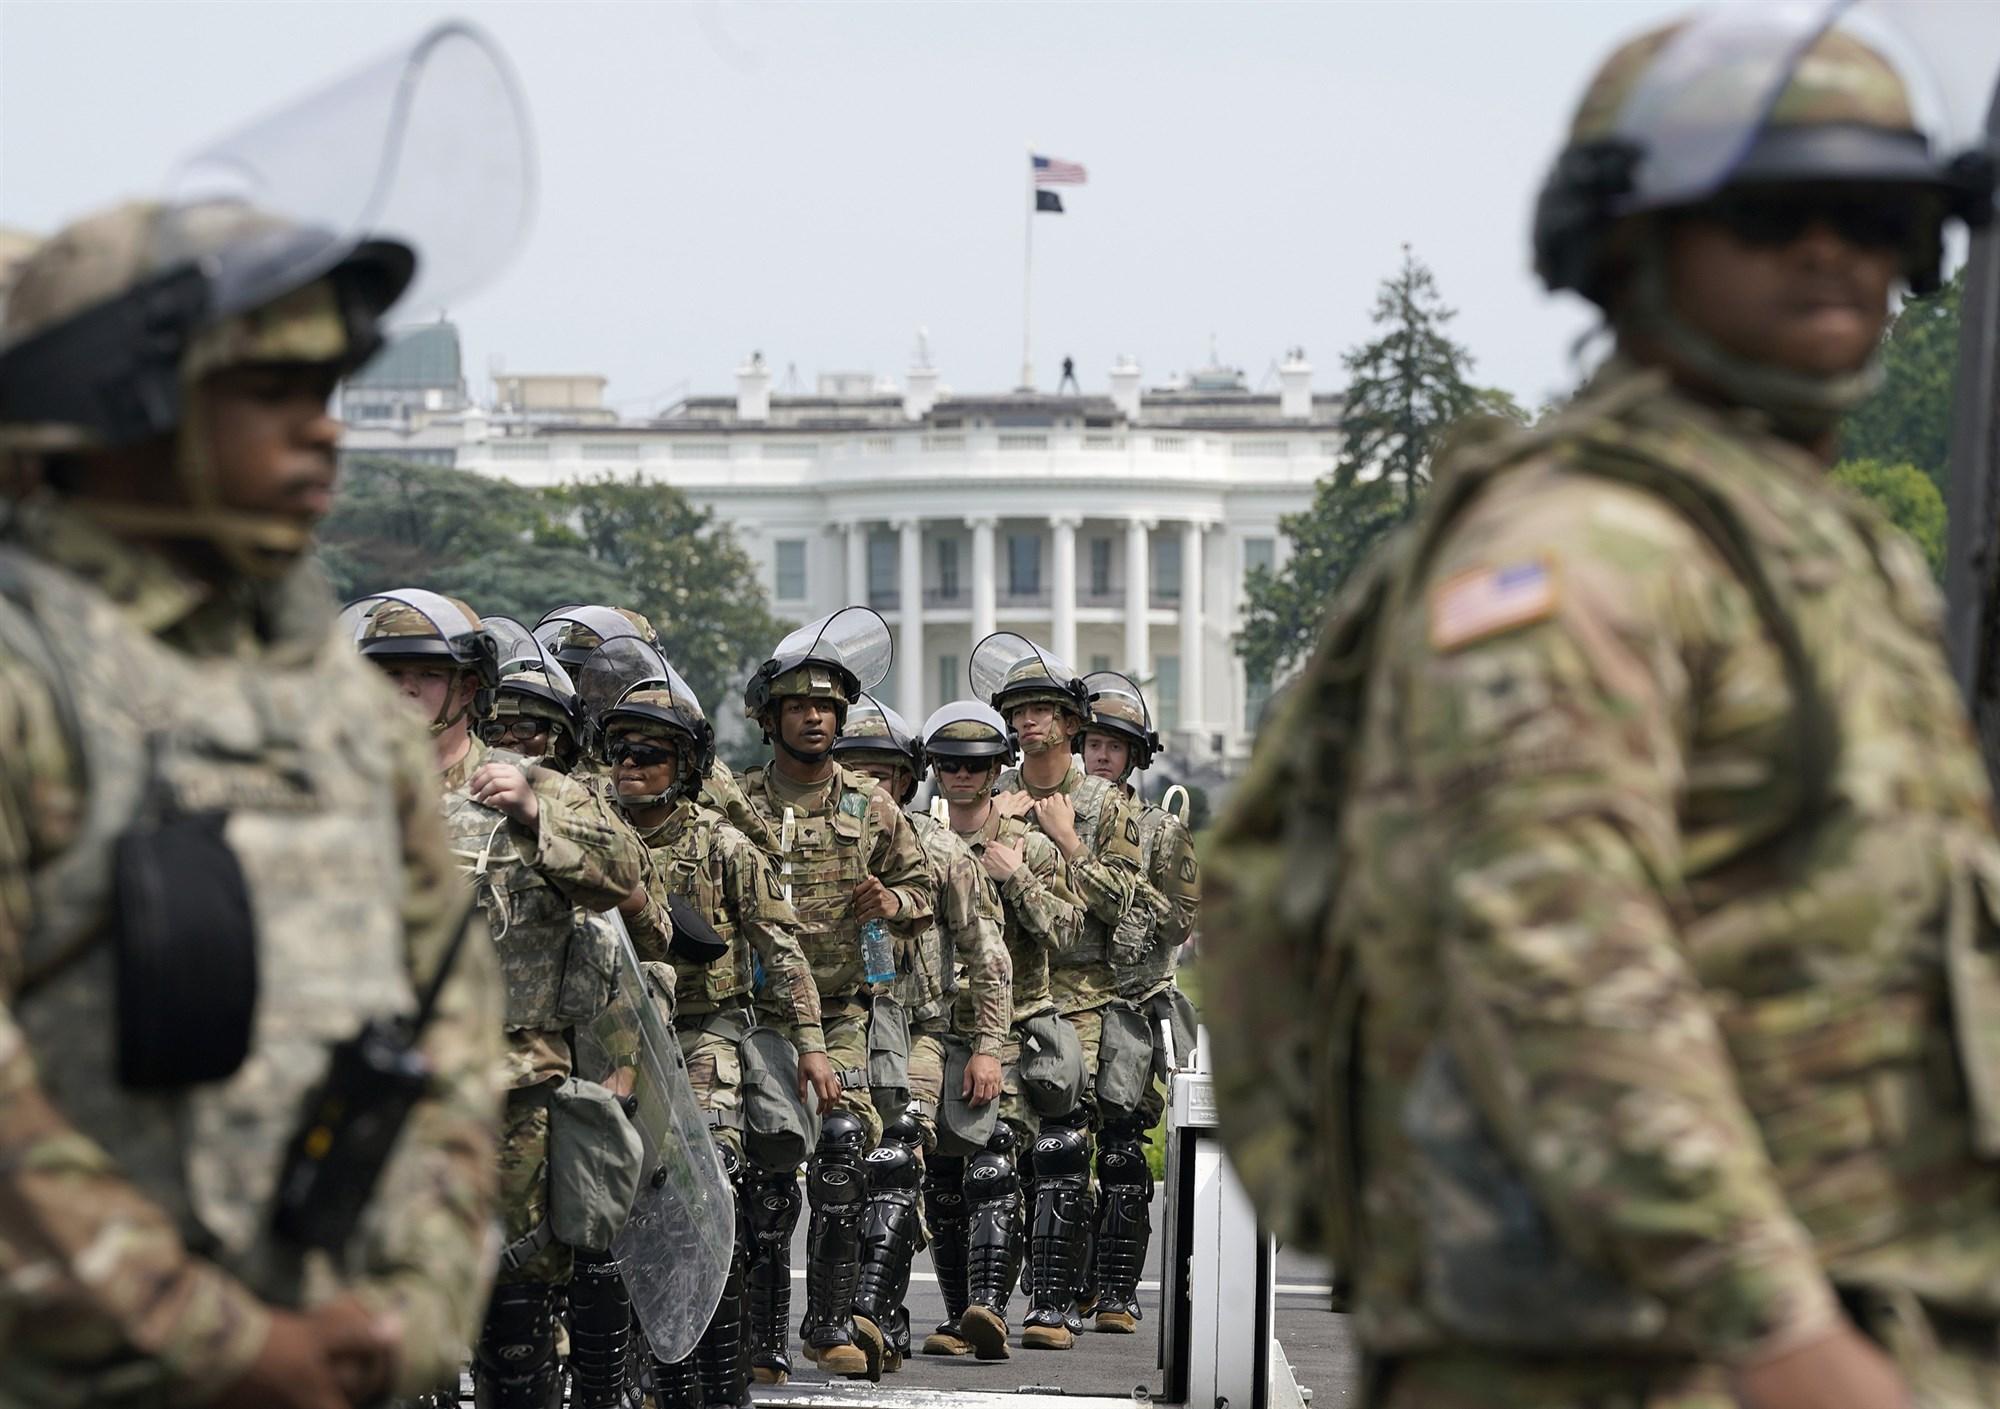 200606-national-guard-dc-al-1133_49f0ae5f8a14dd2dbd45a1716d4e928b.fit-2000w.jpg